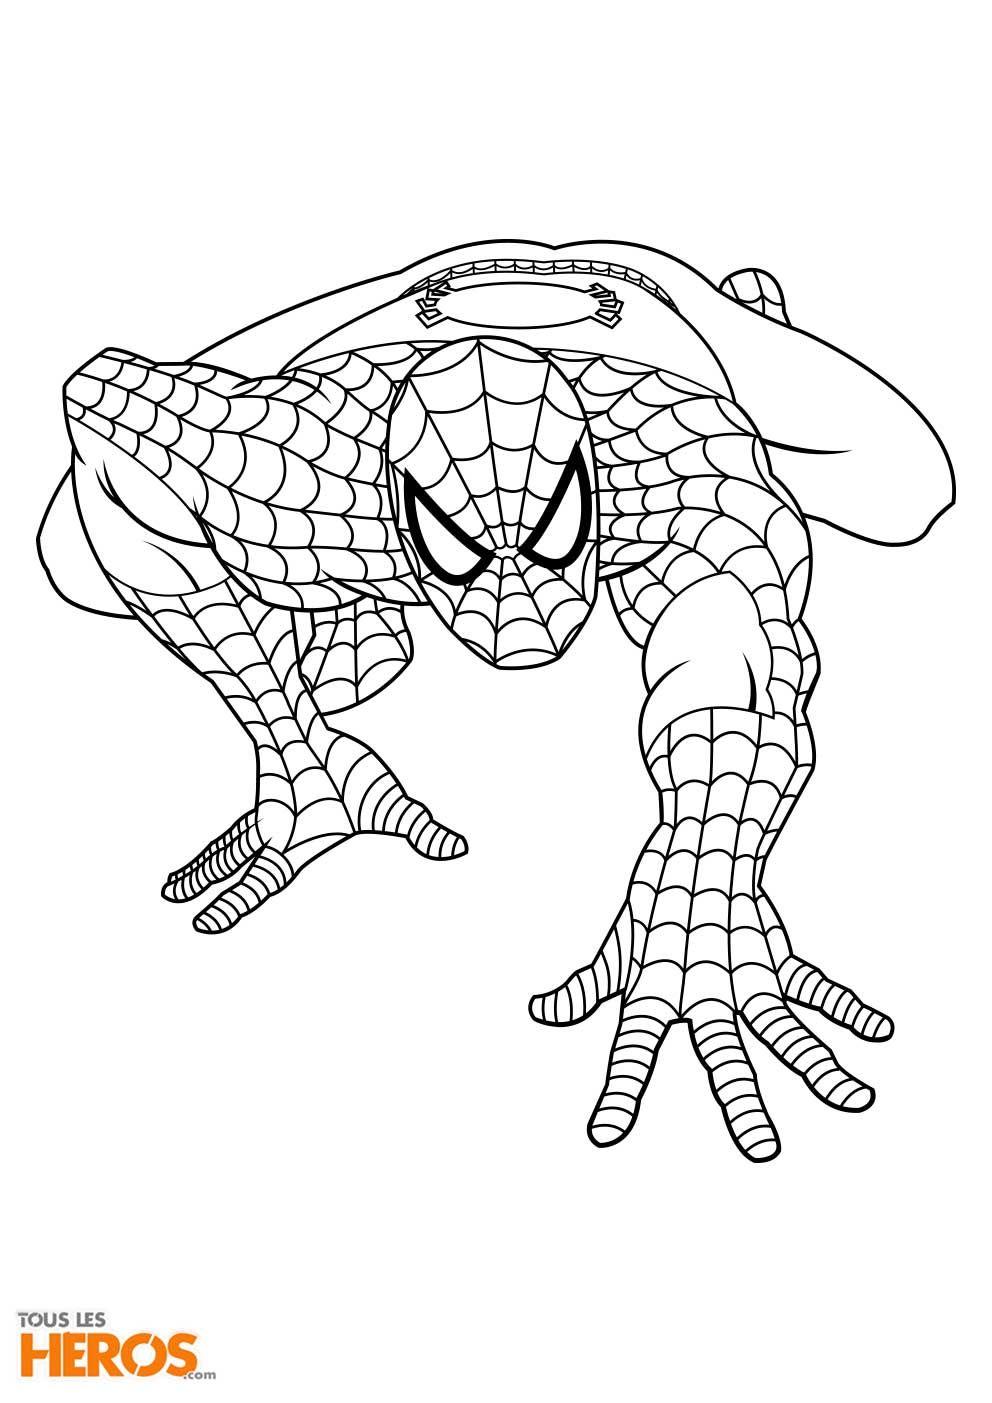 Luxe coloriage en ligne gratuit spiderman haut coloriage hd images et imprimable gratuit - Dessin spiderman a colorier gratuit ...